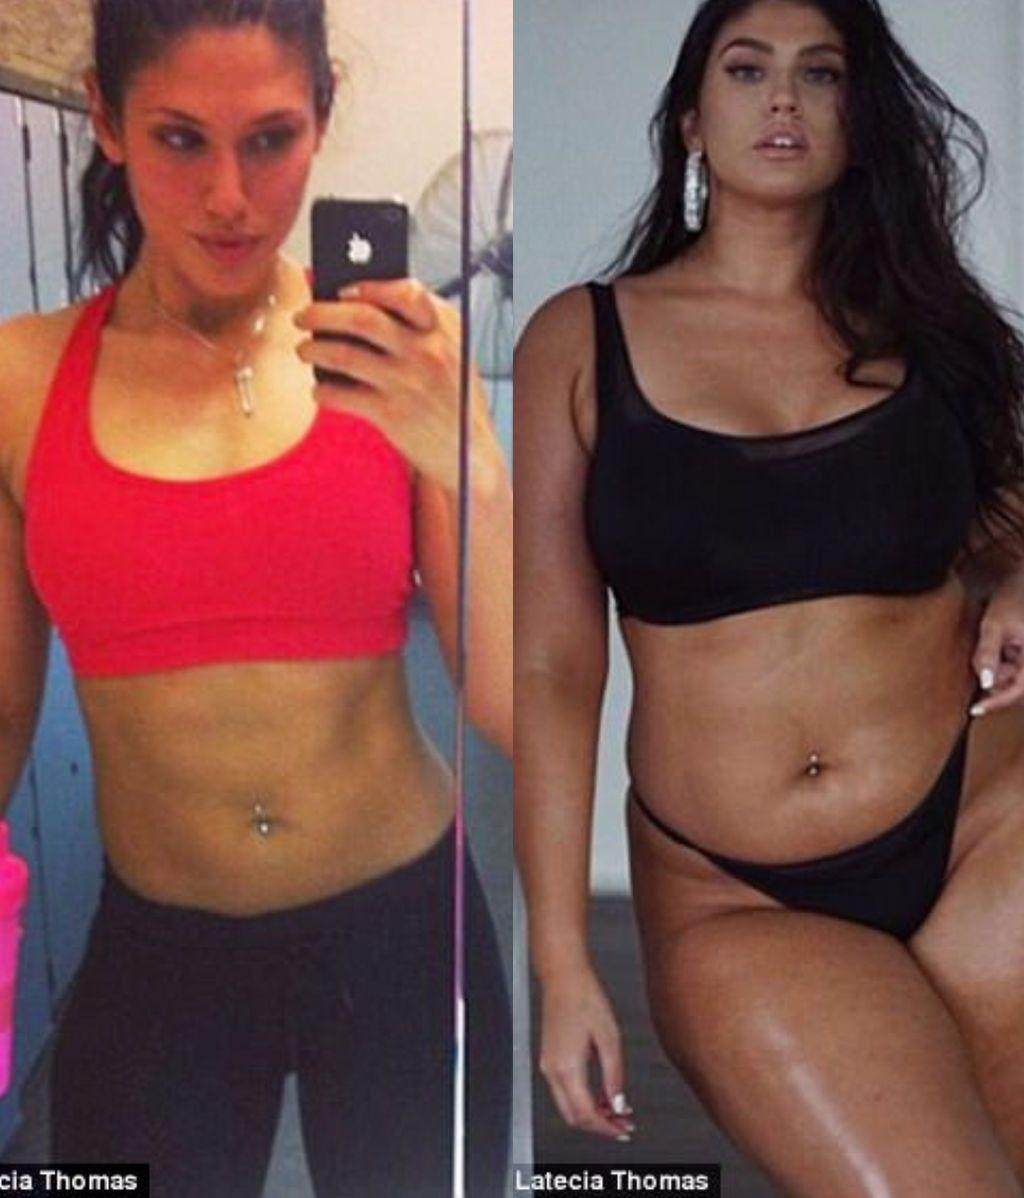 Una modelo de 26 años ha aumentado su peso y ahora es mucho más feliz